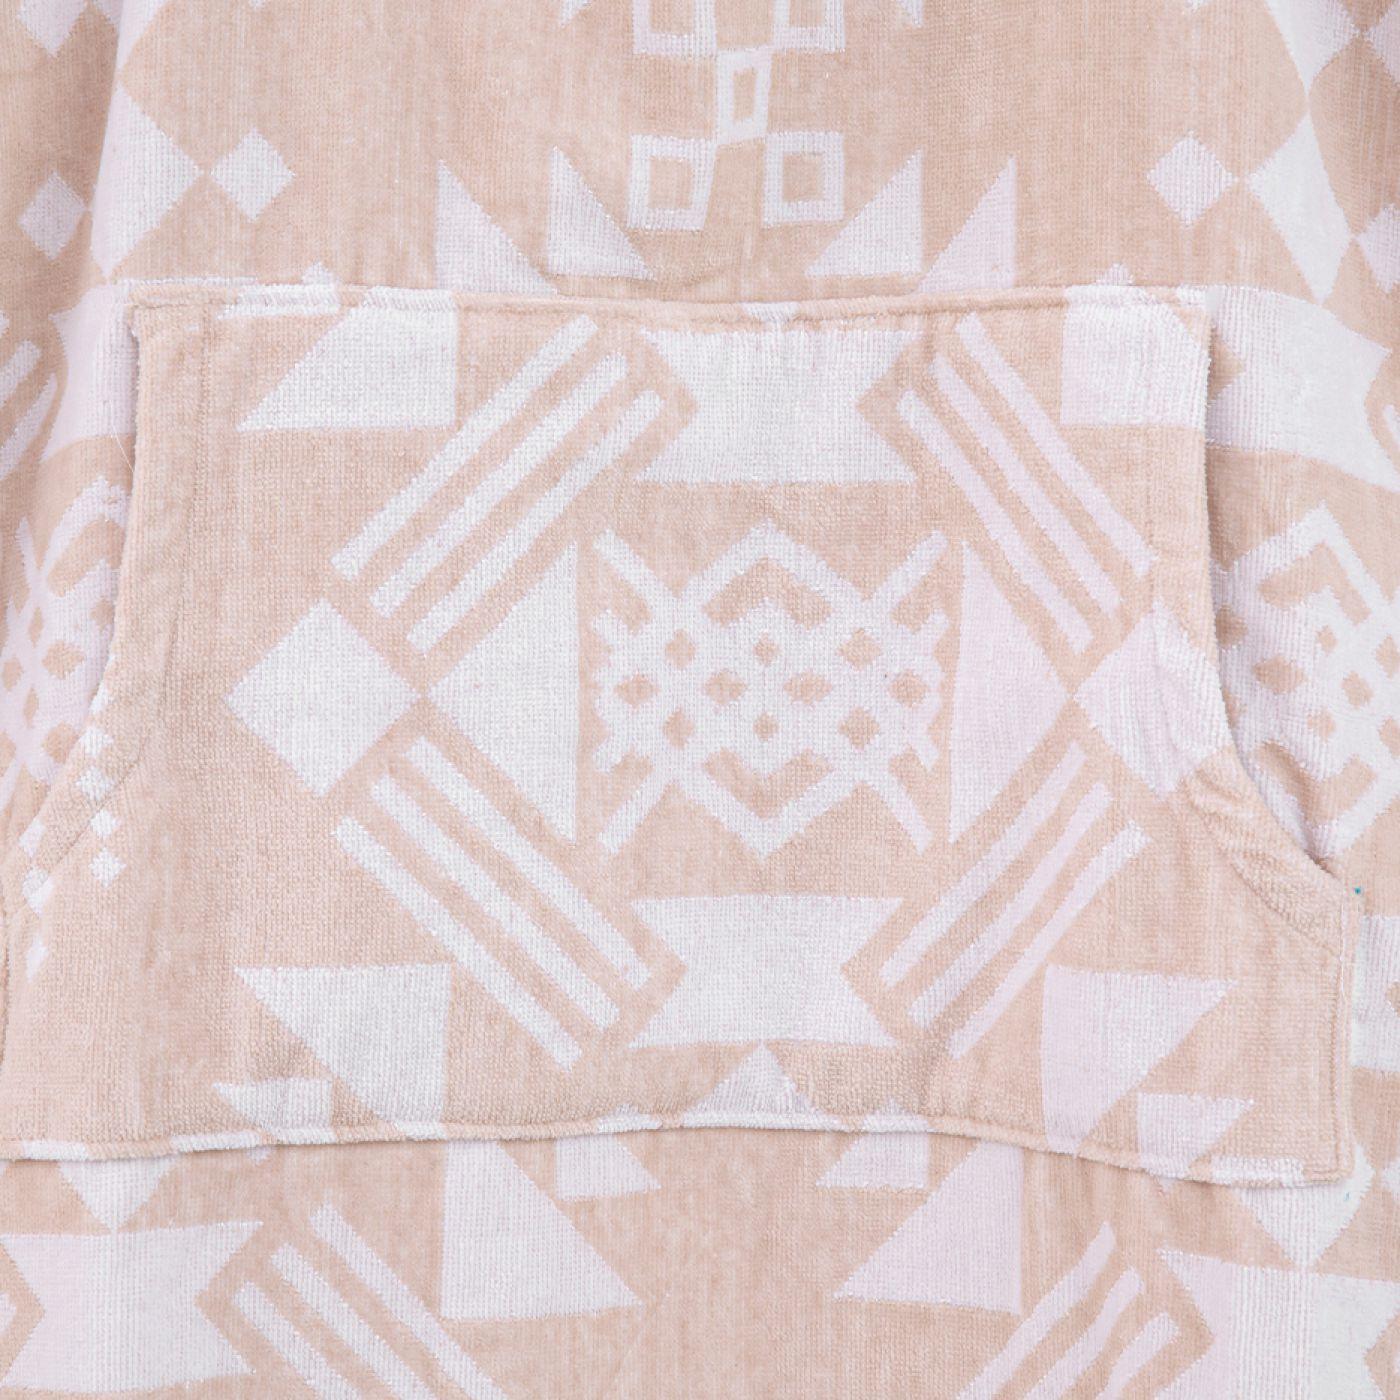 מגבת חוף פונצ'ו